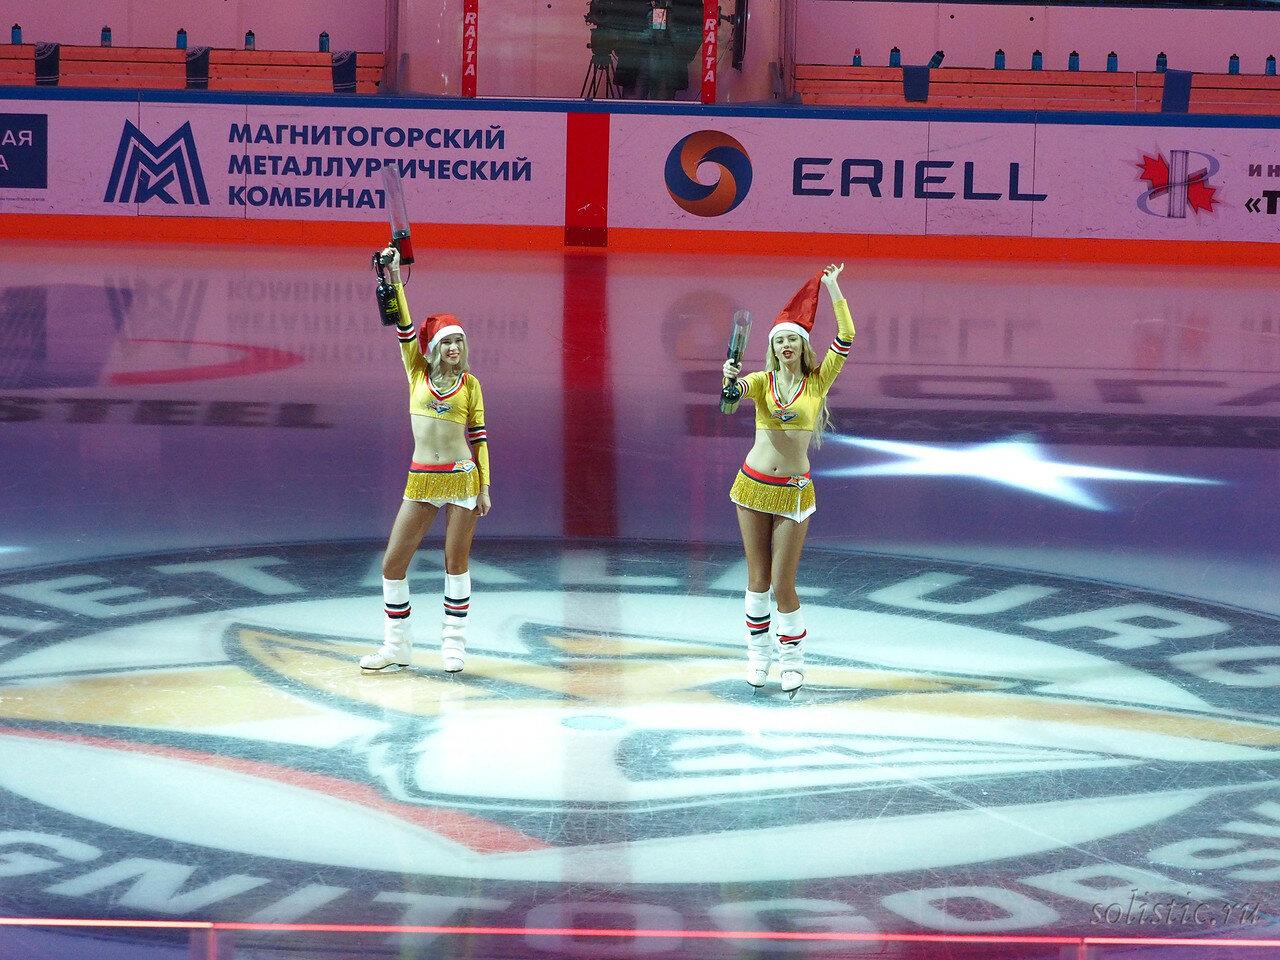 49 Металлург - Динамо Минск 03.01.2017